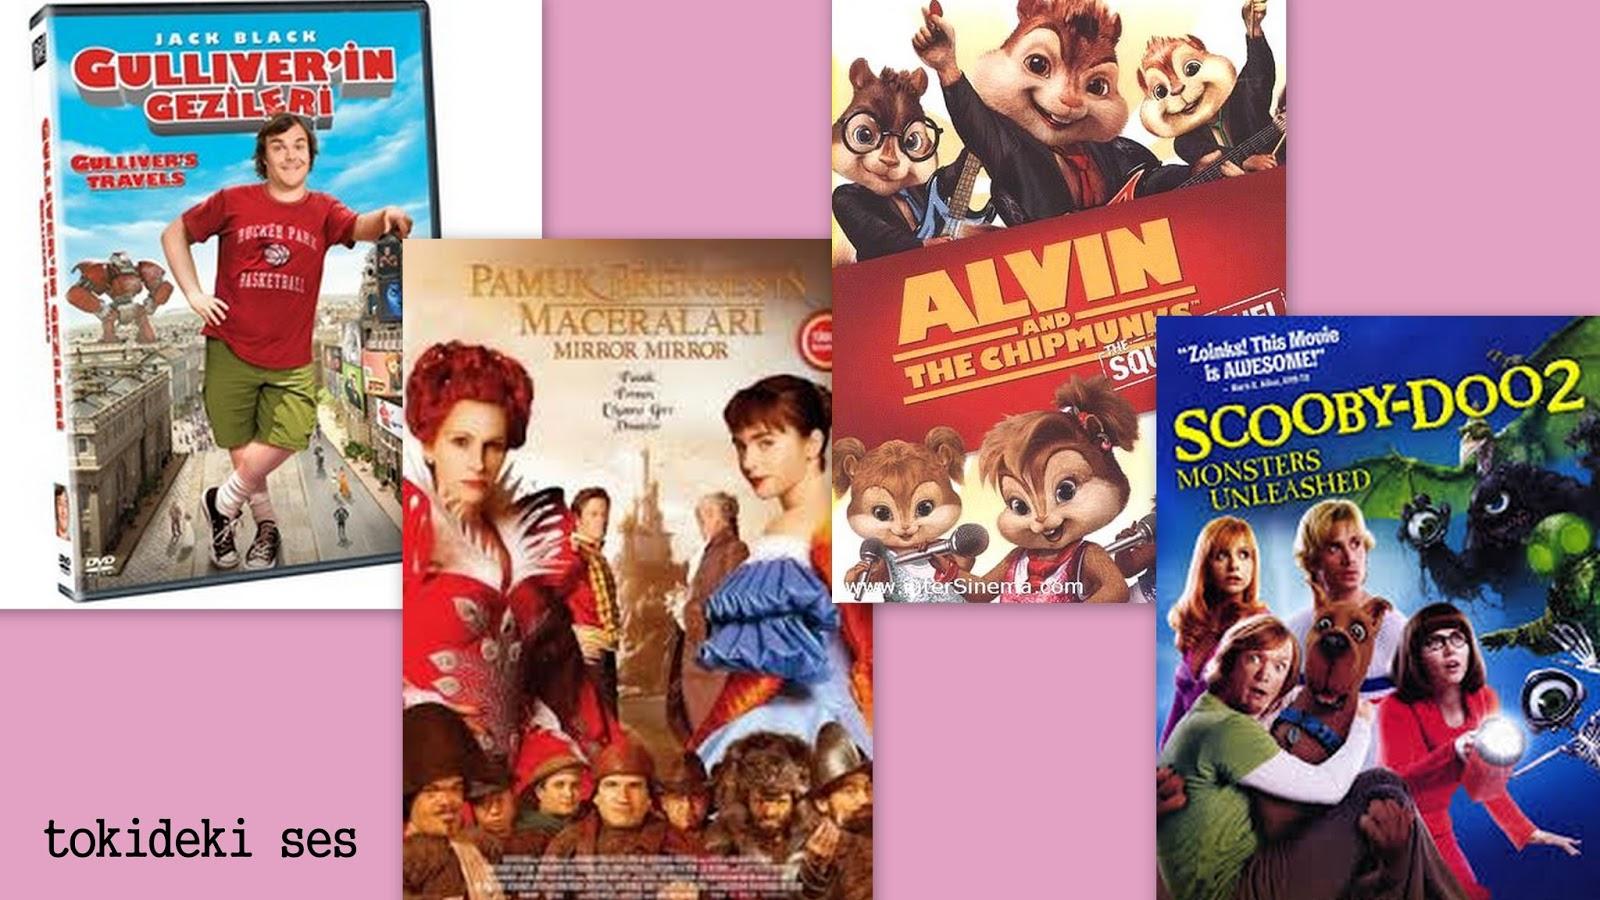 çocuklar ile izlediğim filmler, film, animasyon filmi, film tavsiyem, izlediğim filmler, komedi filmi, sürükleyici film, türk filmi, tavsiye ettiğim filmler, Güliverin gezileri, Pamuk prenses ve maceraları,Alvin ve sincaplar 2, Scooby doo 2